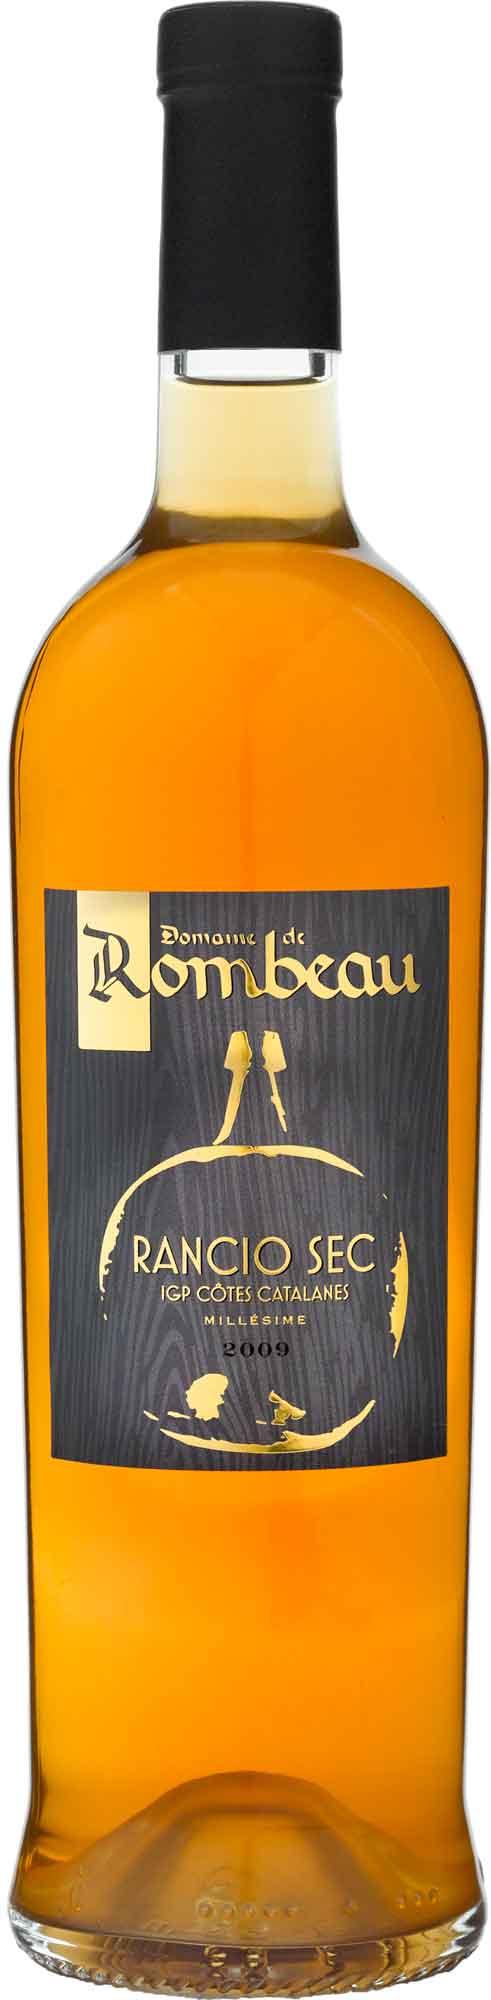 Dom de Rombeau Rancio Sec 2009